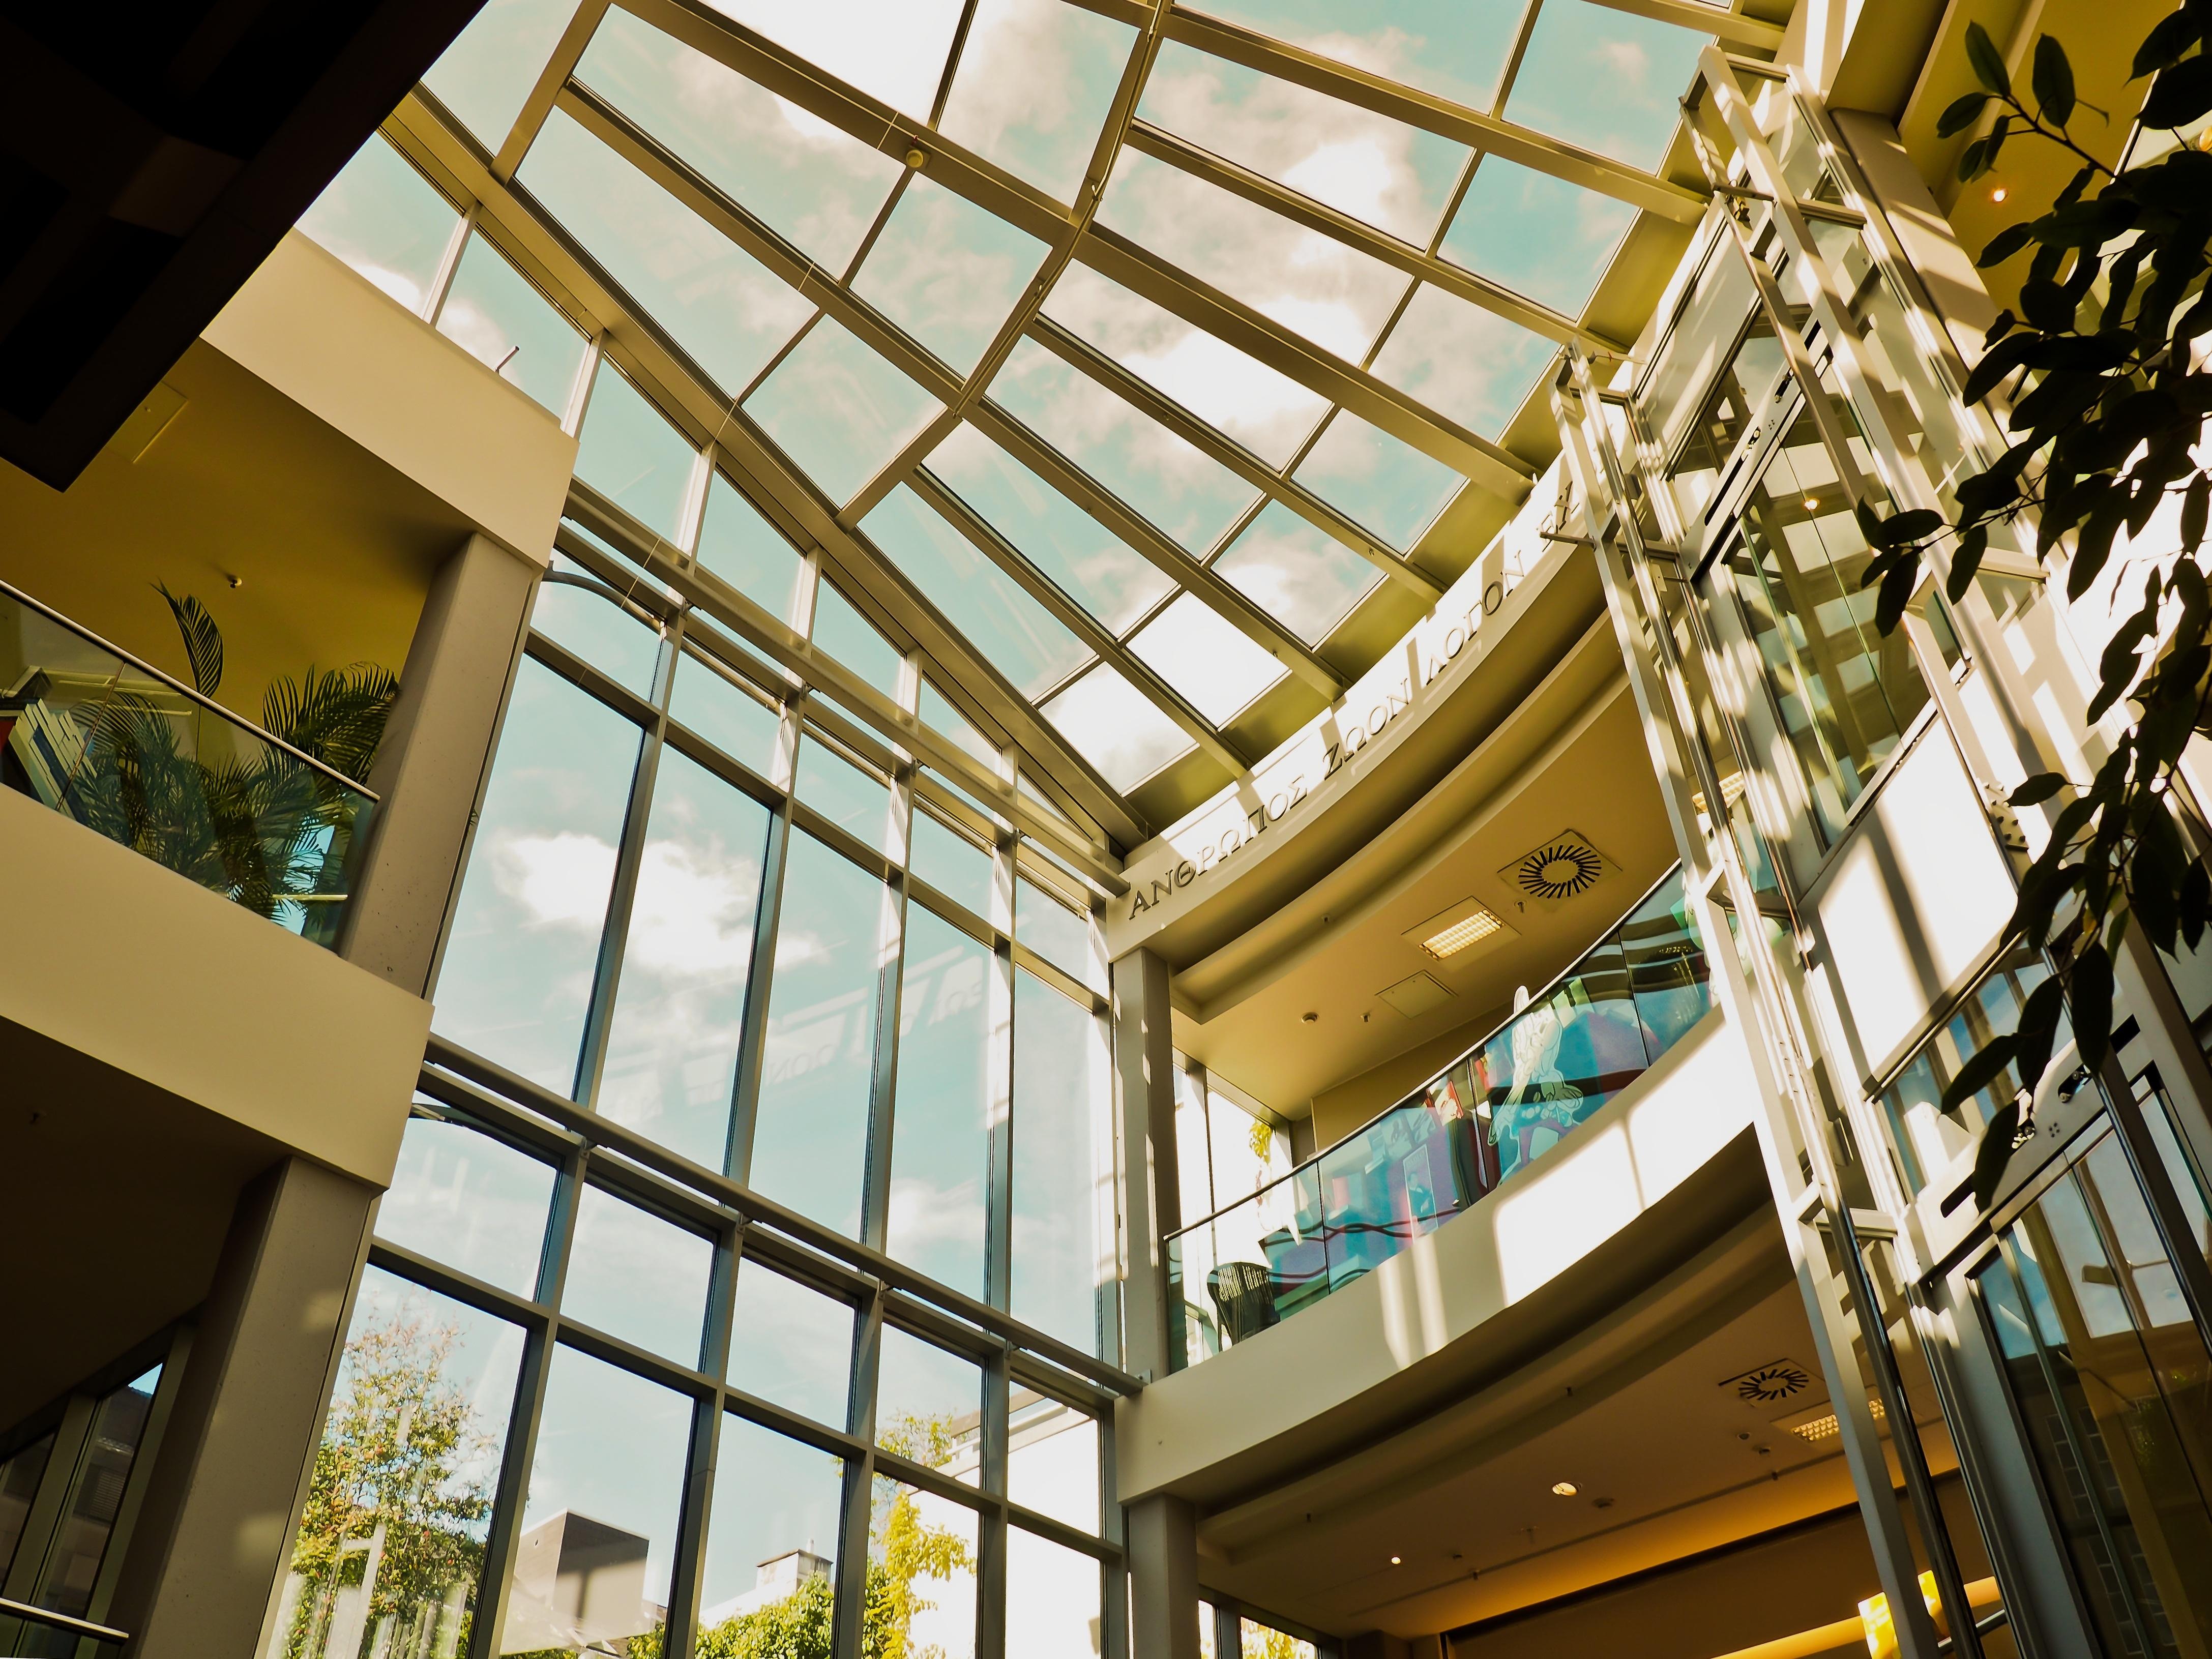 Schön Hausfassade Modern Beste Wahl Die Architektur Fenster Fassade Innenarchitektur Innen Entwurf